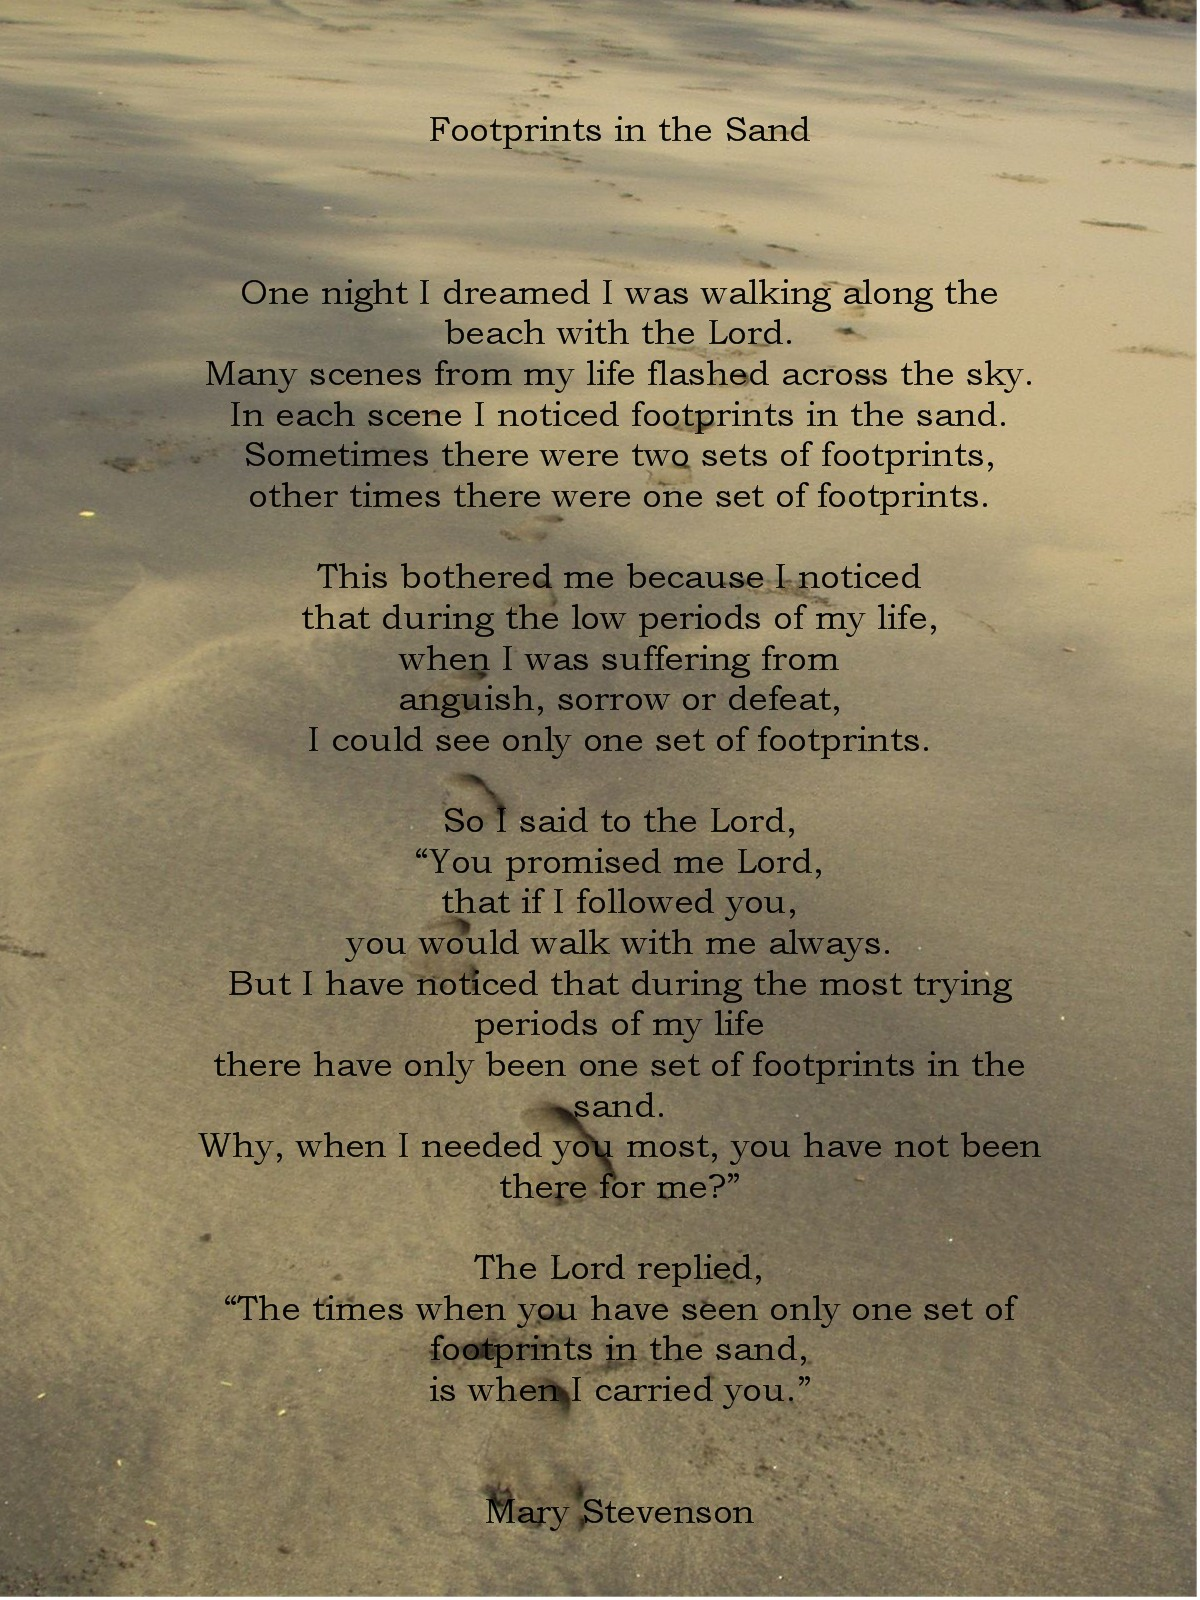 http://3.bp.blogspot.com/-x6p734CnSCs/TyarSTqNsyI/AAAAAAAAA60/uvjSwPEe3hs/s1600/footprints-in-the-sand1.jpg